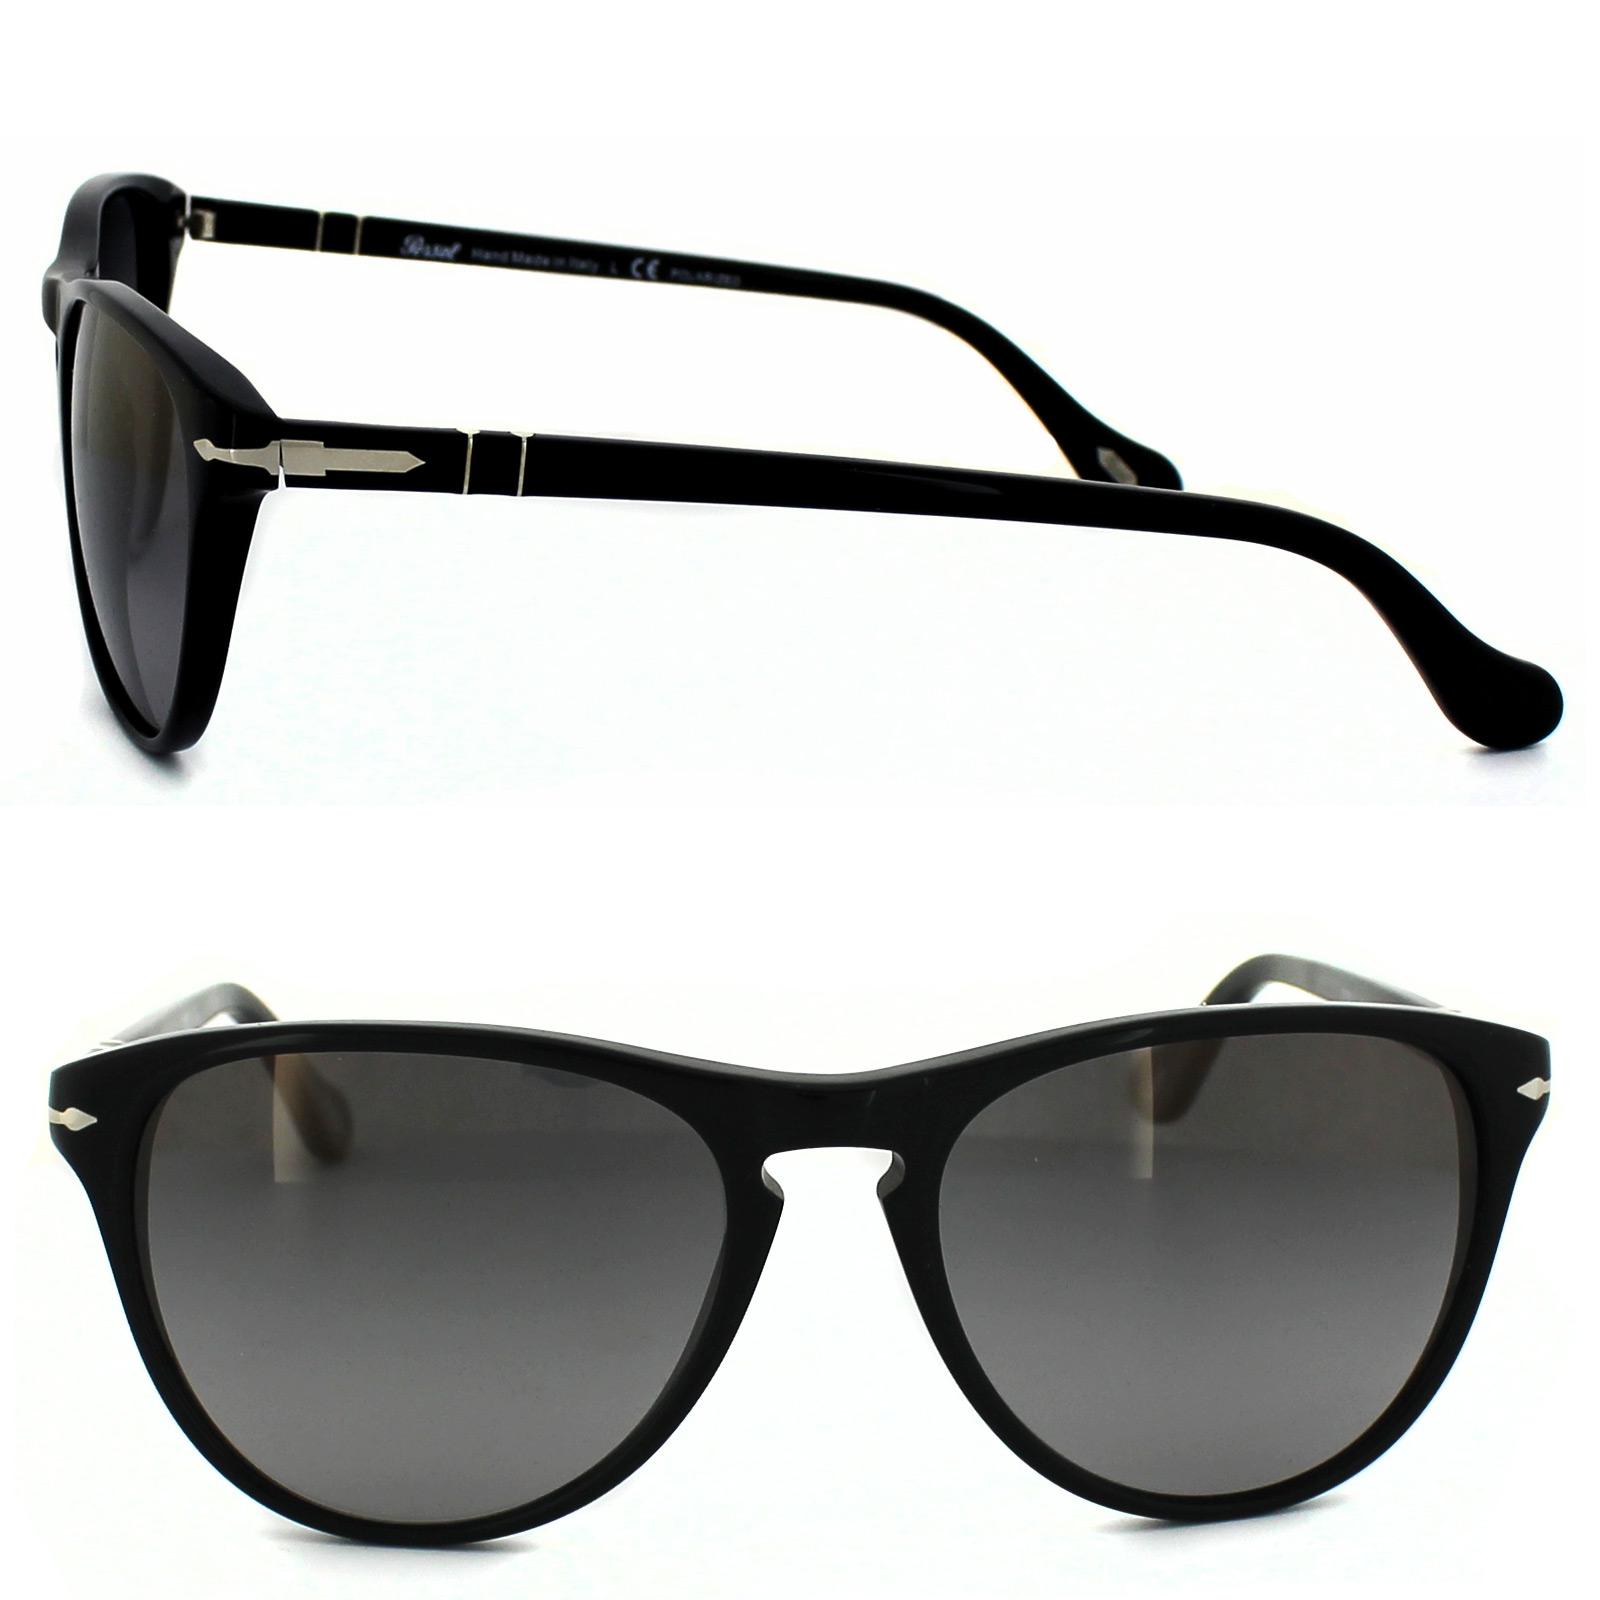 f1d42a227e7a5 Sentinel Persol Sunglasses 3038 95 M3 Black Polarized Gradient Grey